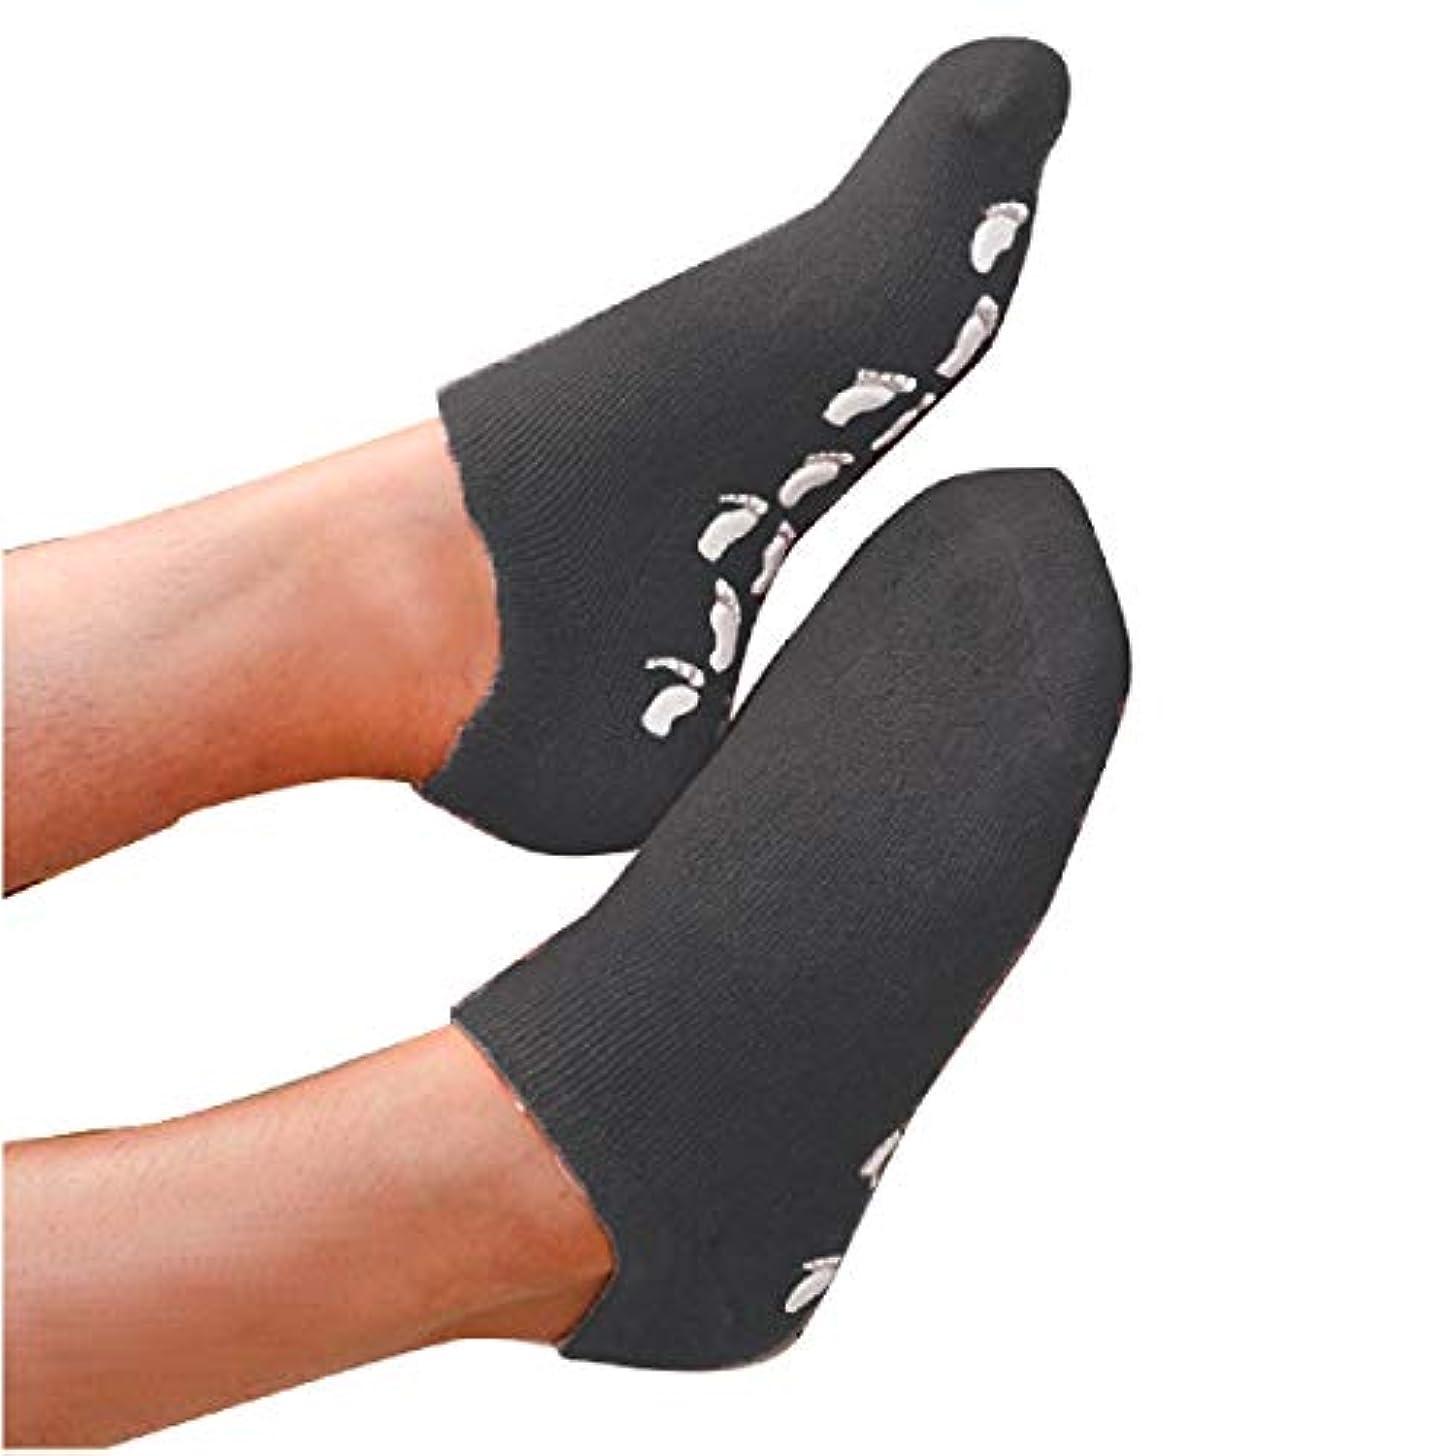 割る種かみそりS&E かかと 靴下 保湿 ソックス 美容成分 潤い ゲル付き 滑り止め 足裏 足の甲 ホホバオイル グレープシード ビタミンE ラベンダー ローズ (ブラック)